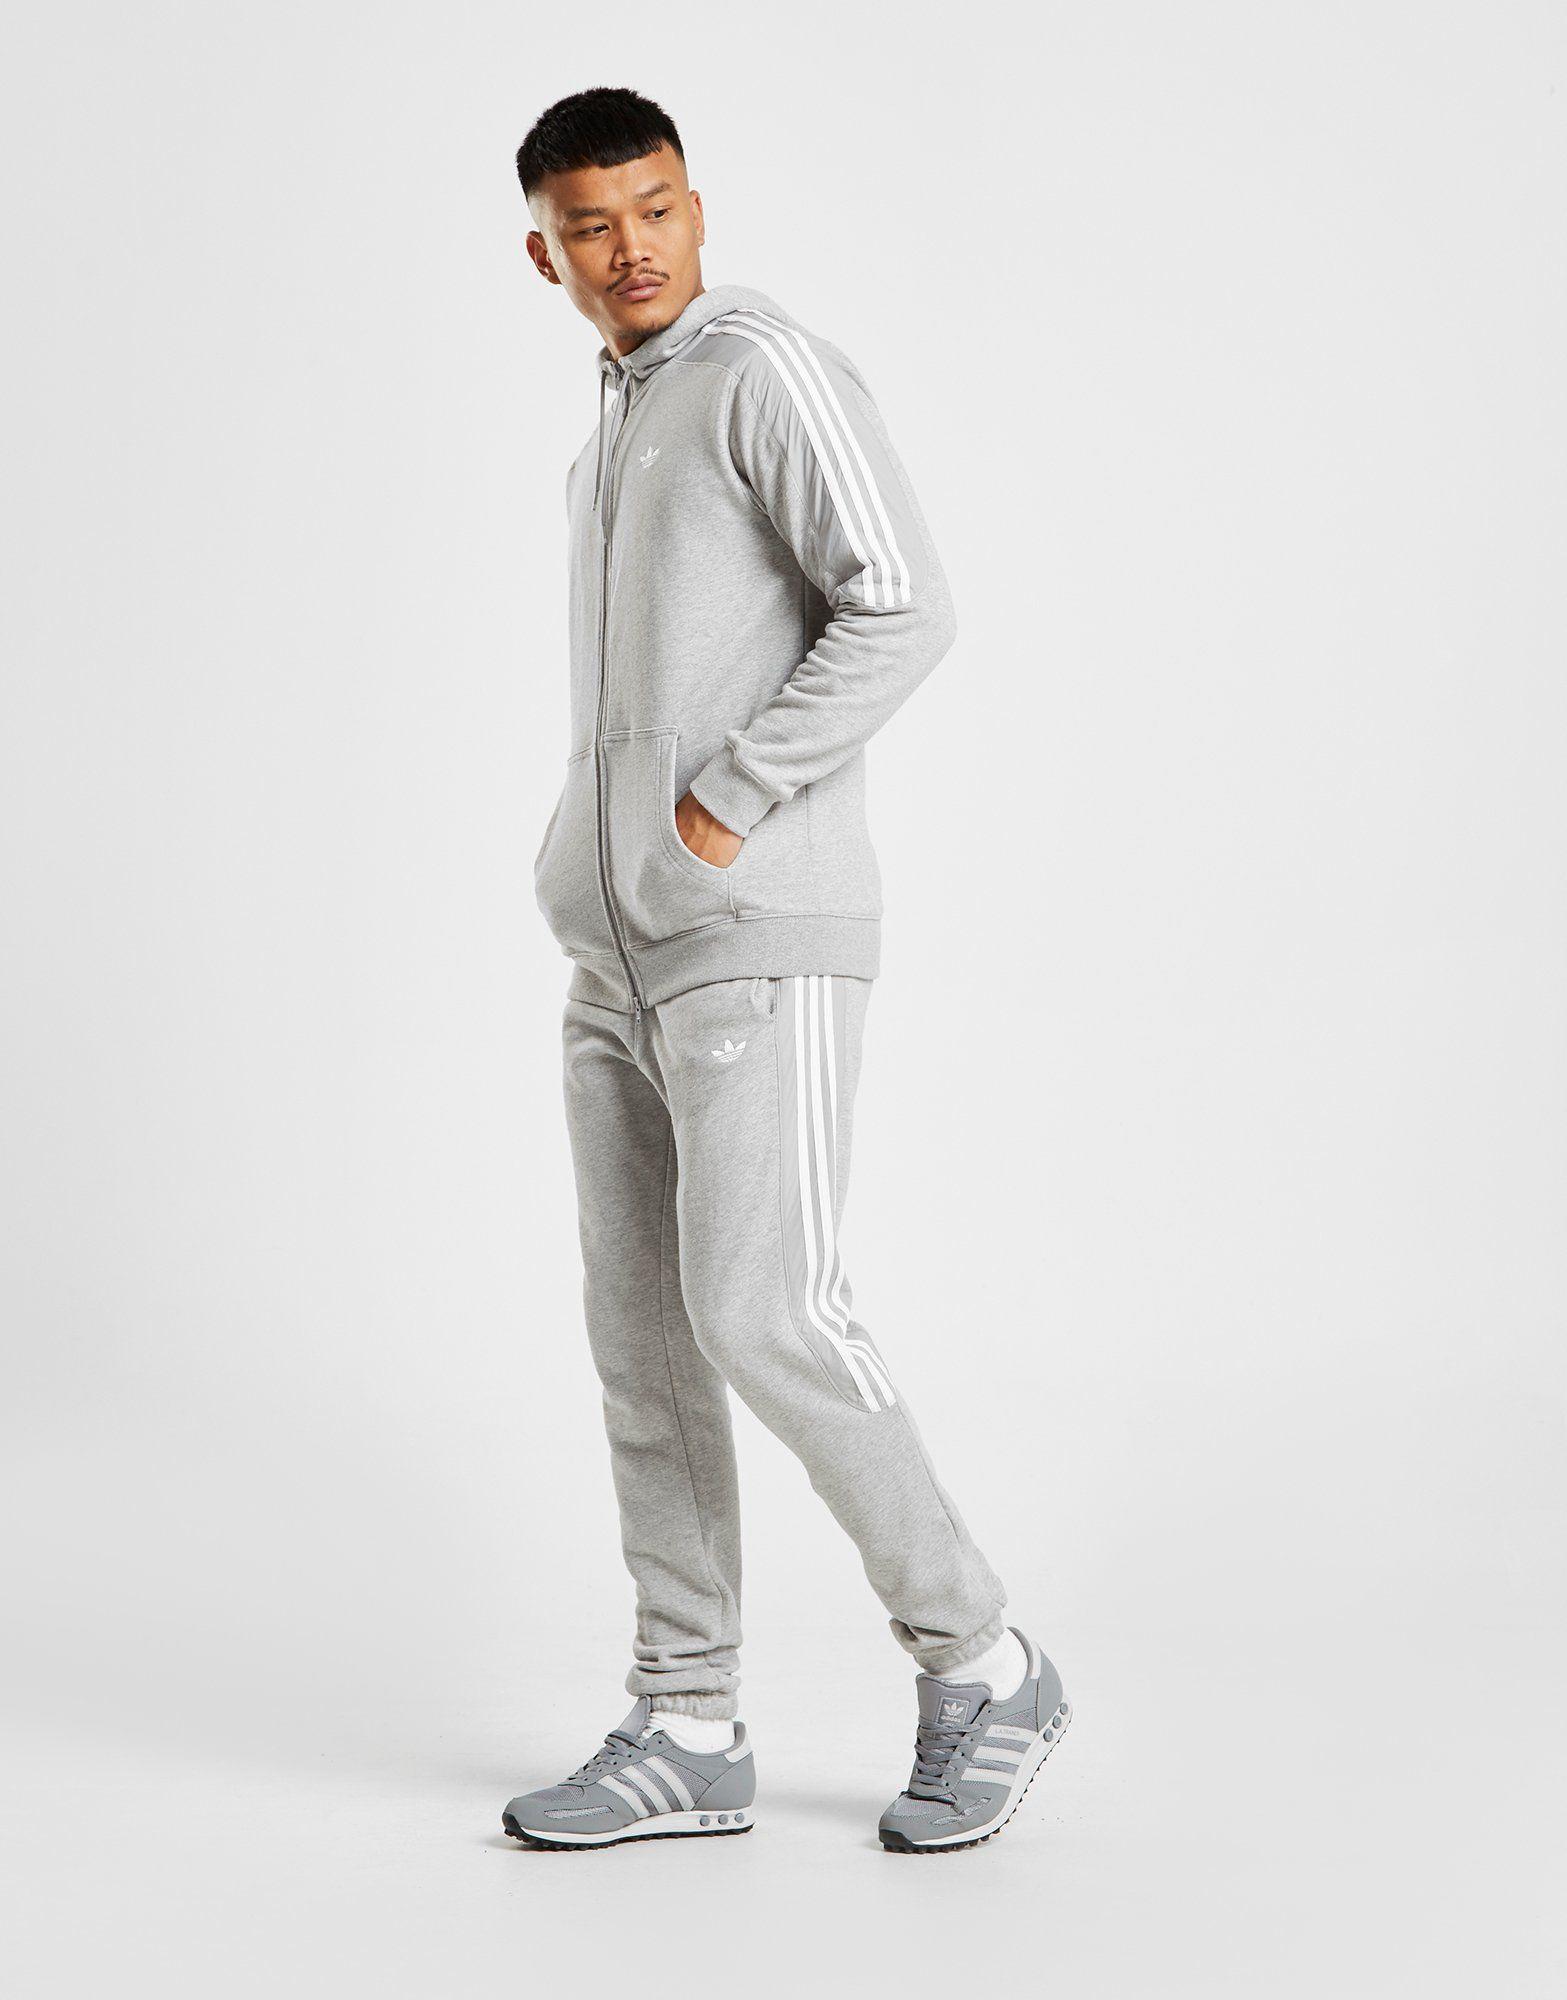 8f61083e88d9 adidas Originals Radkin Joggers